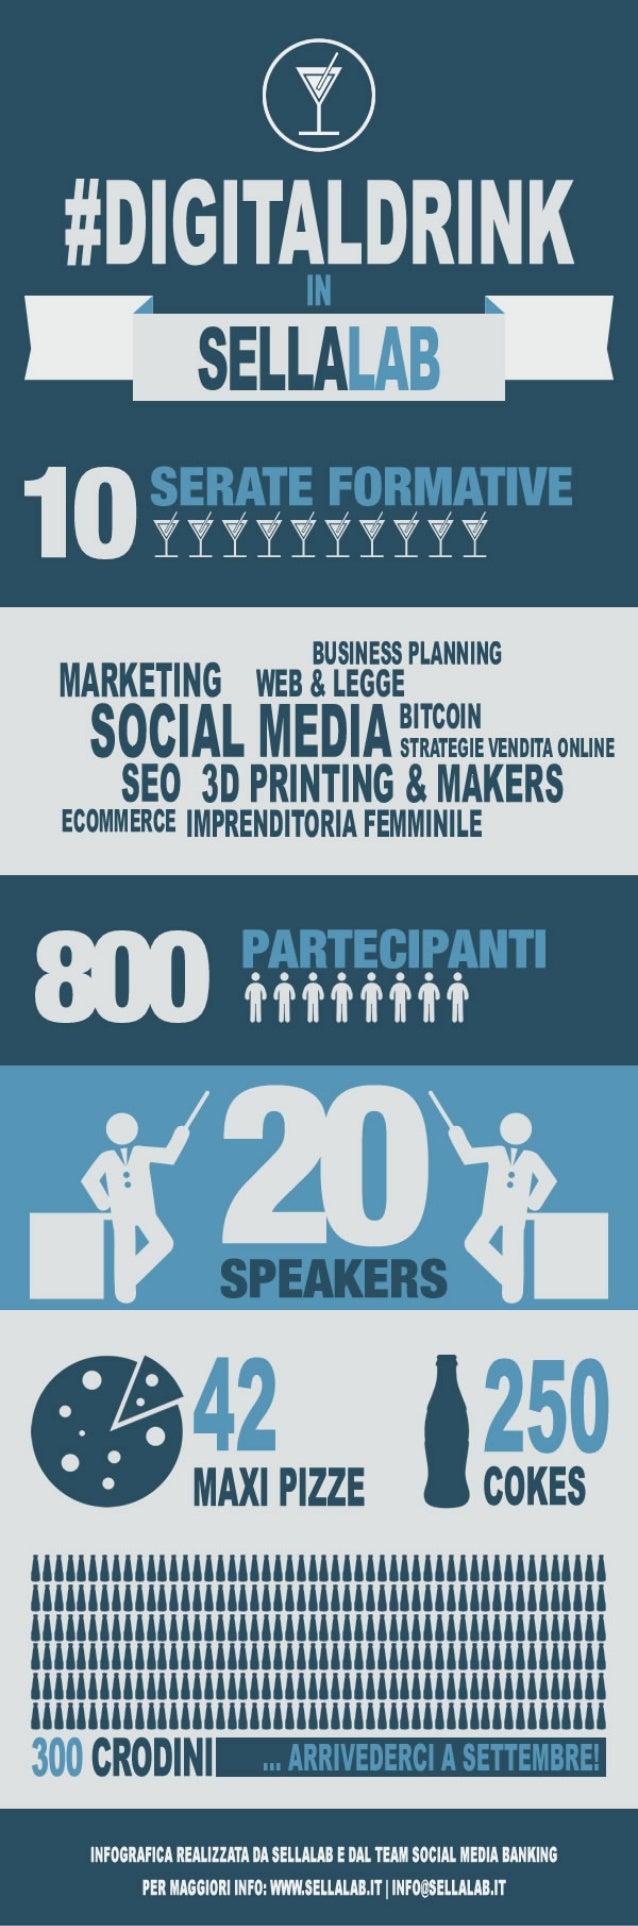 Infografica - SellaLab #Digitaldrink